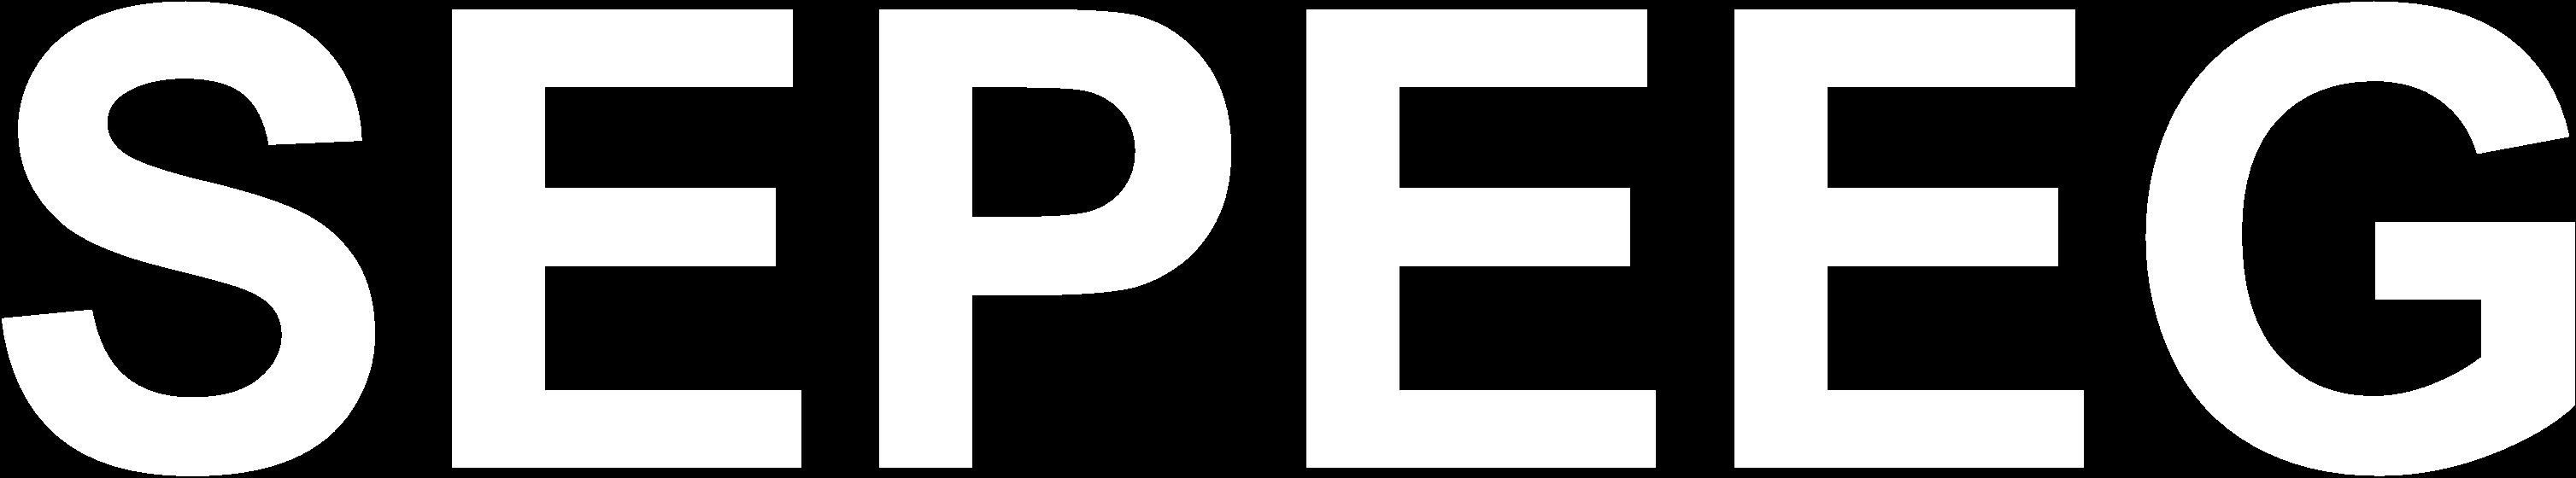 SEPEEG